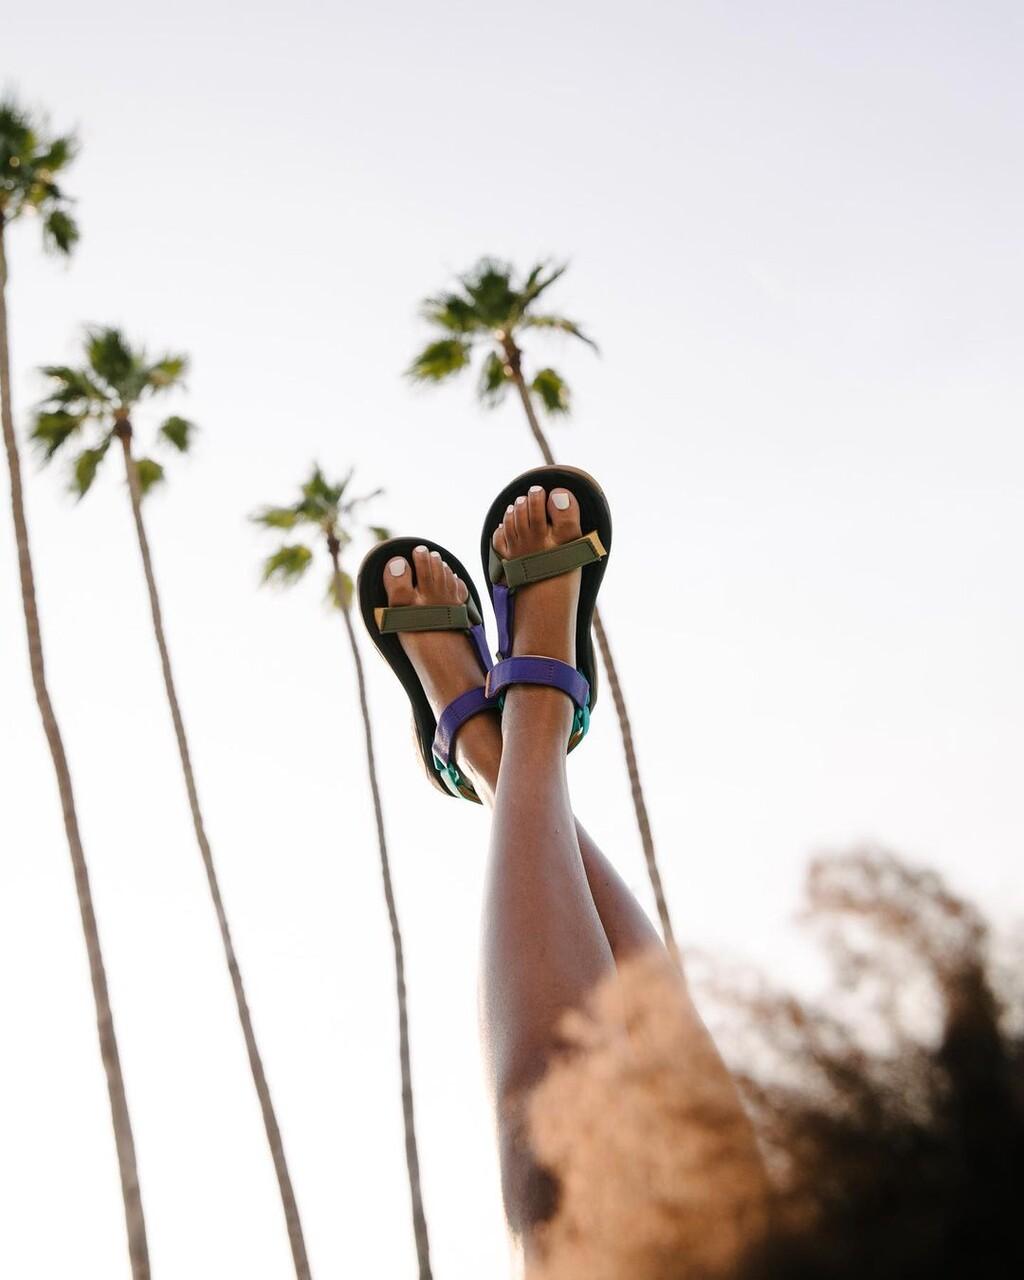 Para nuestras rutas de senderismo o para caminar por la ciudad...cinco sandalias muy prácticas de la firma Teva